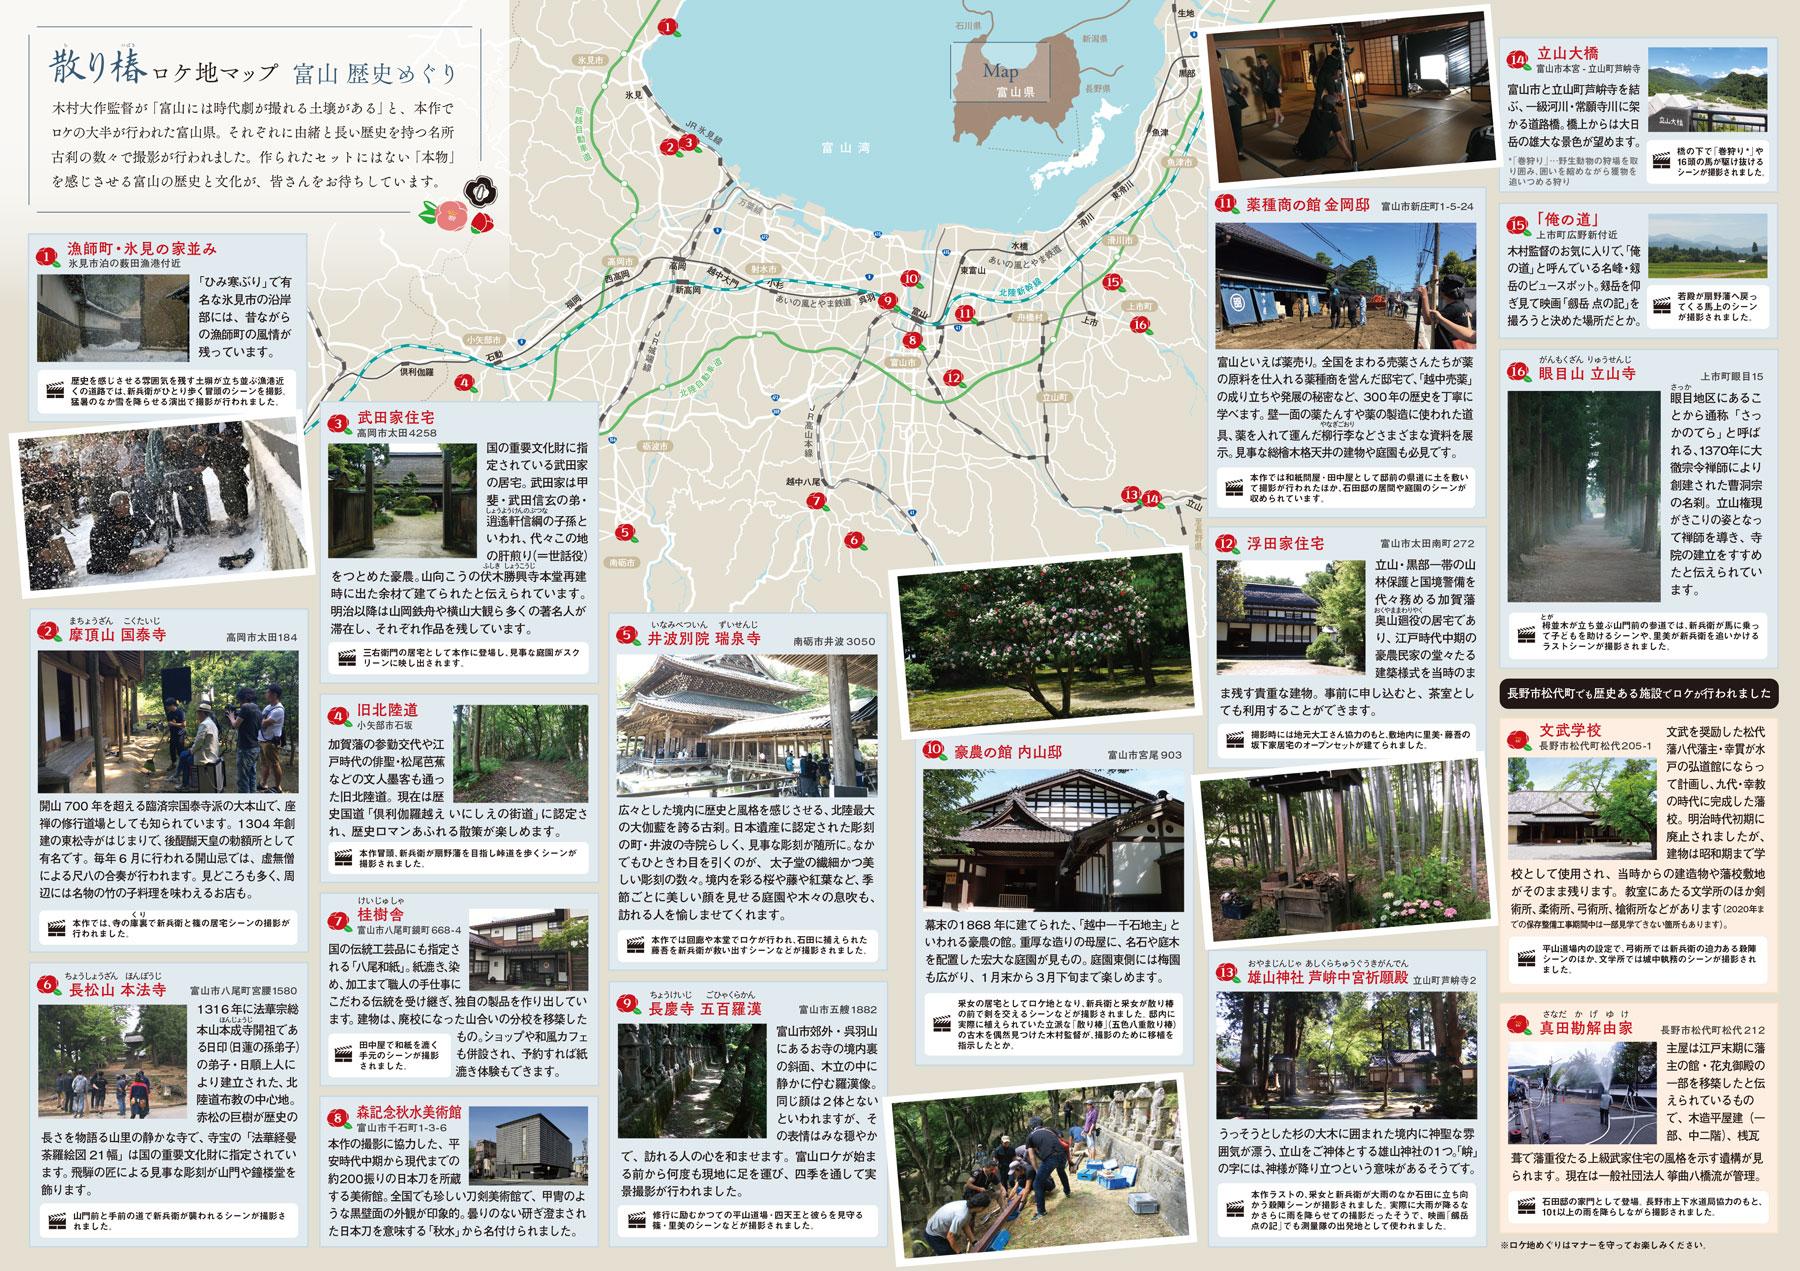 富山ロケ映画「散り椿」のロケ地マップ2